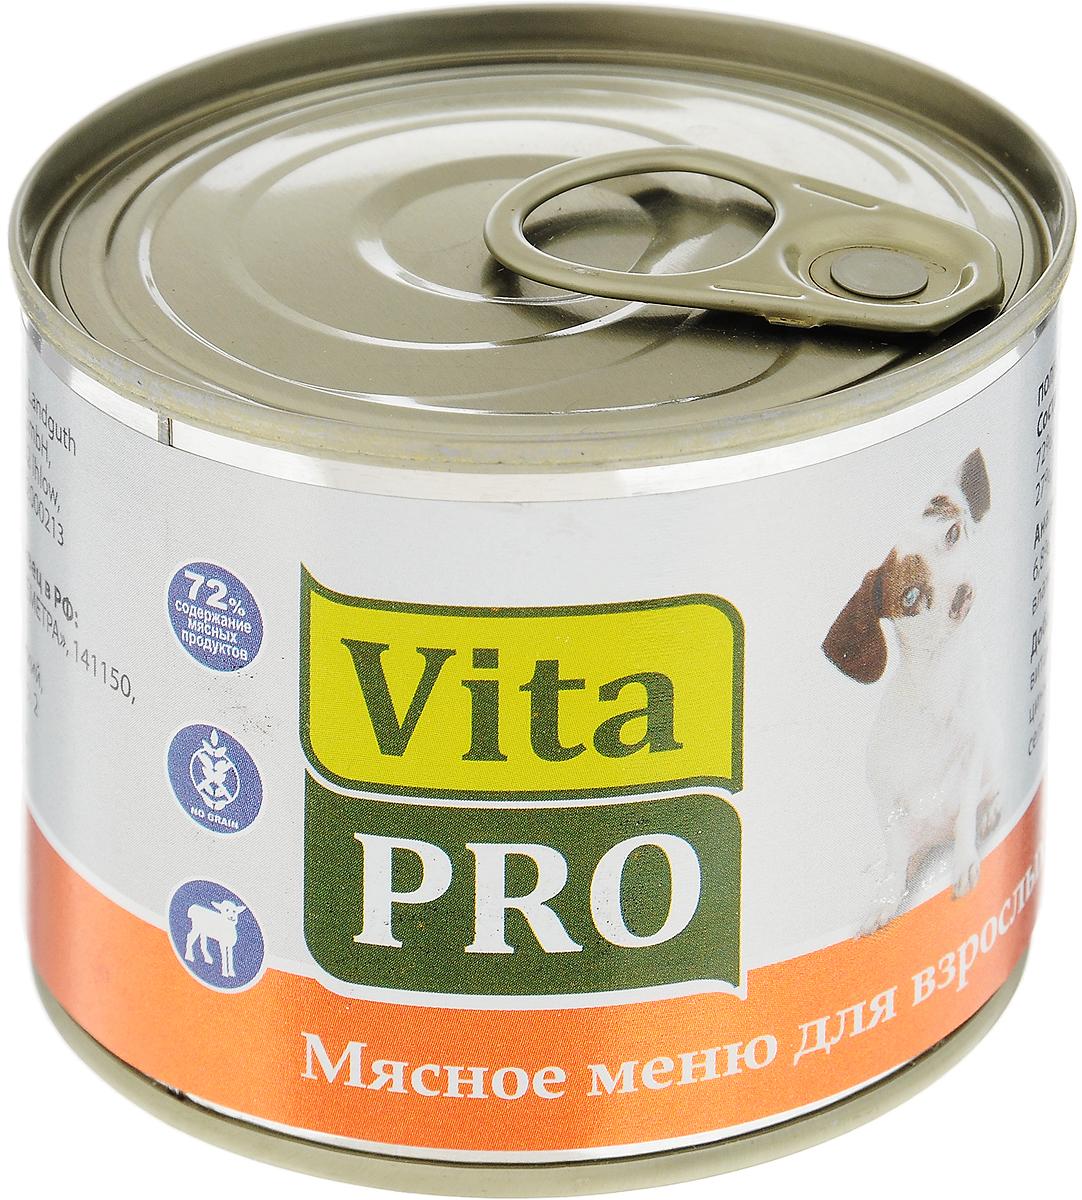 Консервы для собак Vita Pro Мясное меню, с ягненком, 200 г консервы для собак monge fresh с ягненком 100 г